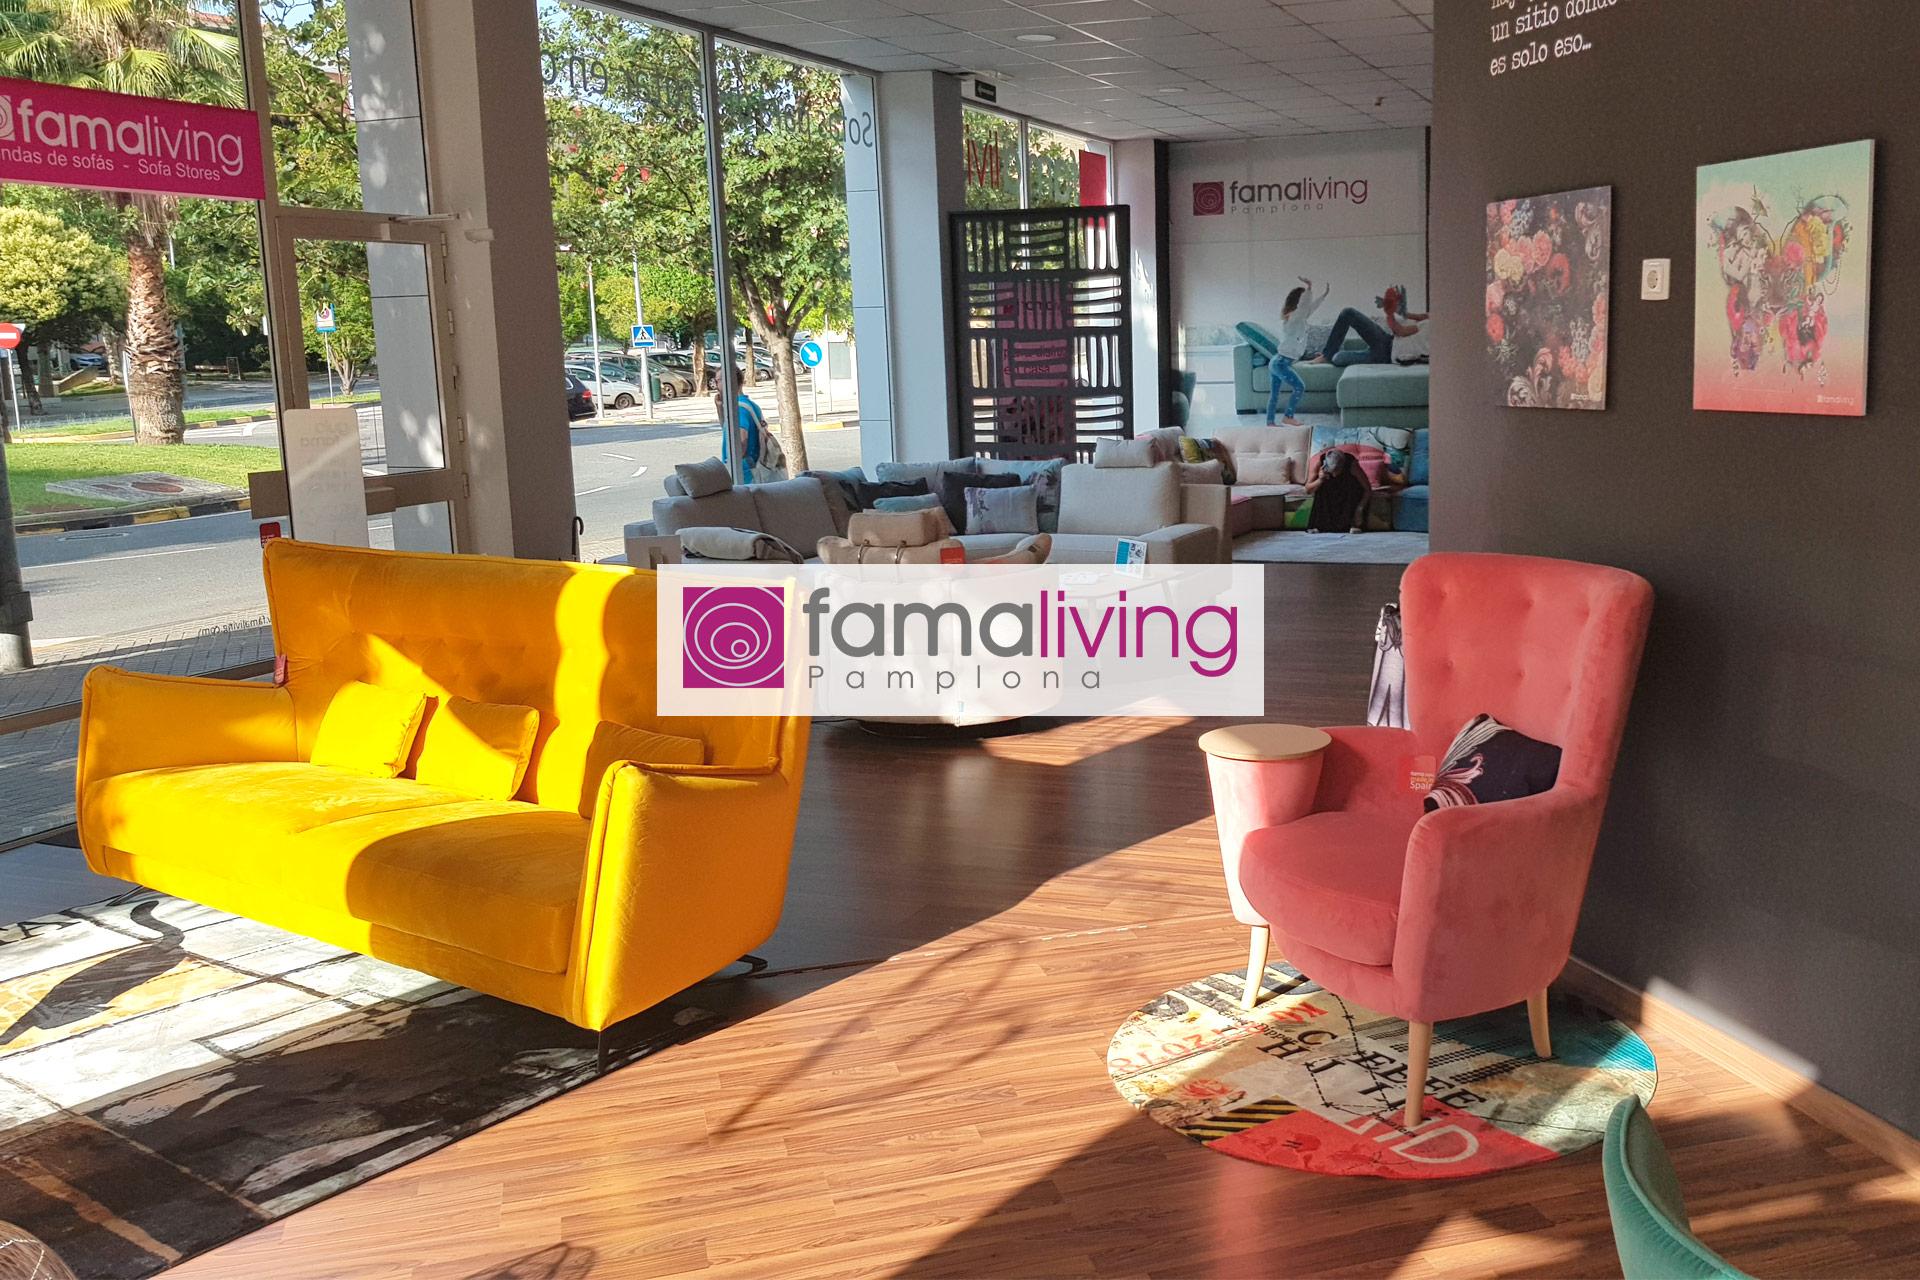 Famaliving Pamplona - Sofa Store